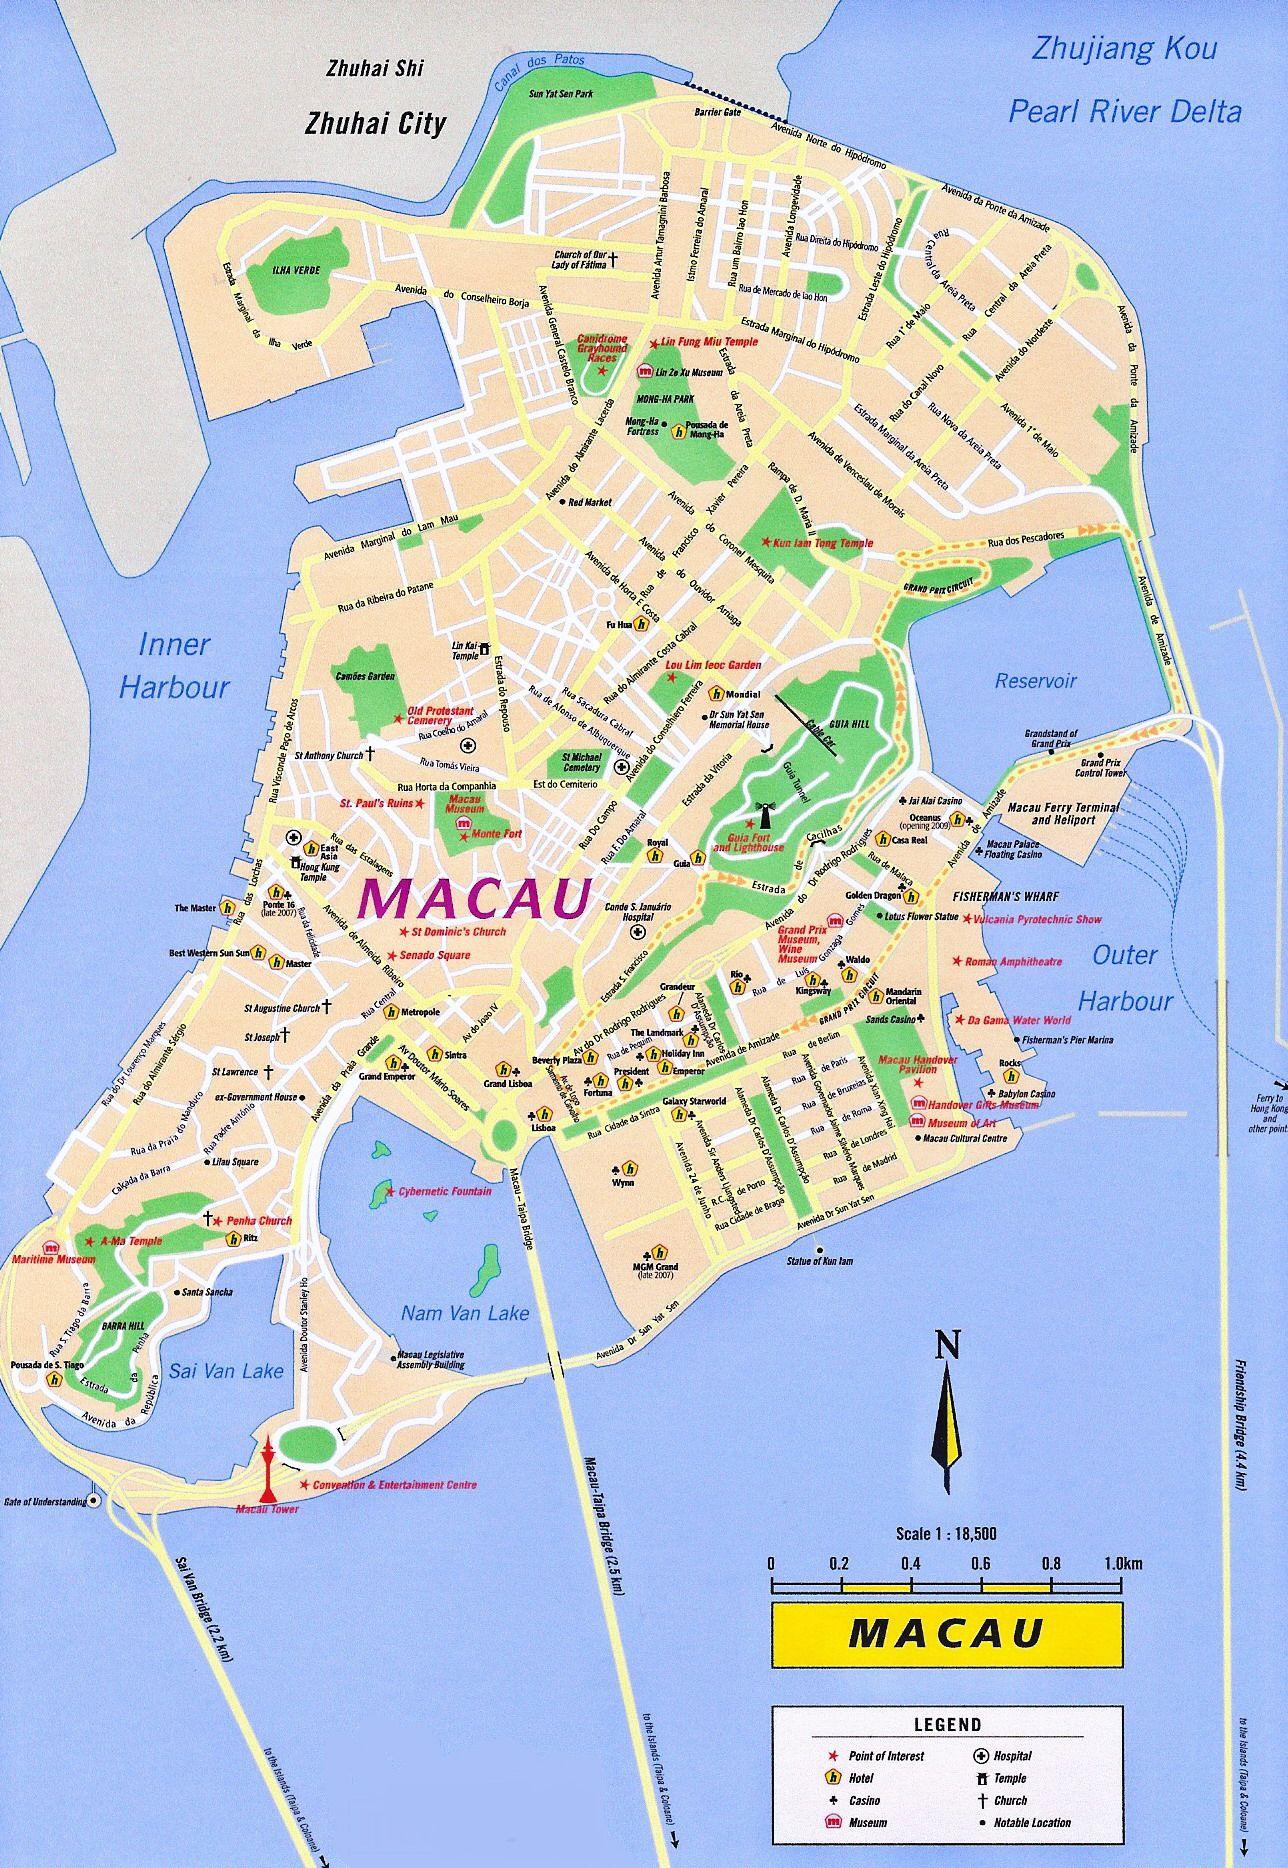 Macau On World Map.Macau Tourist Map Macau China Mappery Macau Map Macau Macau